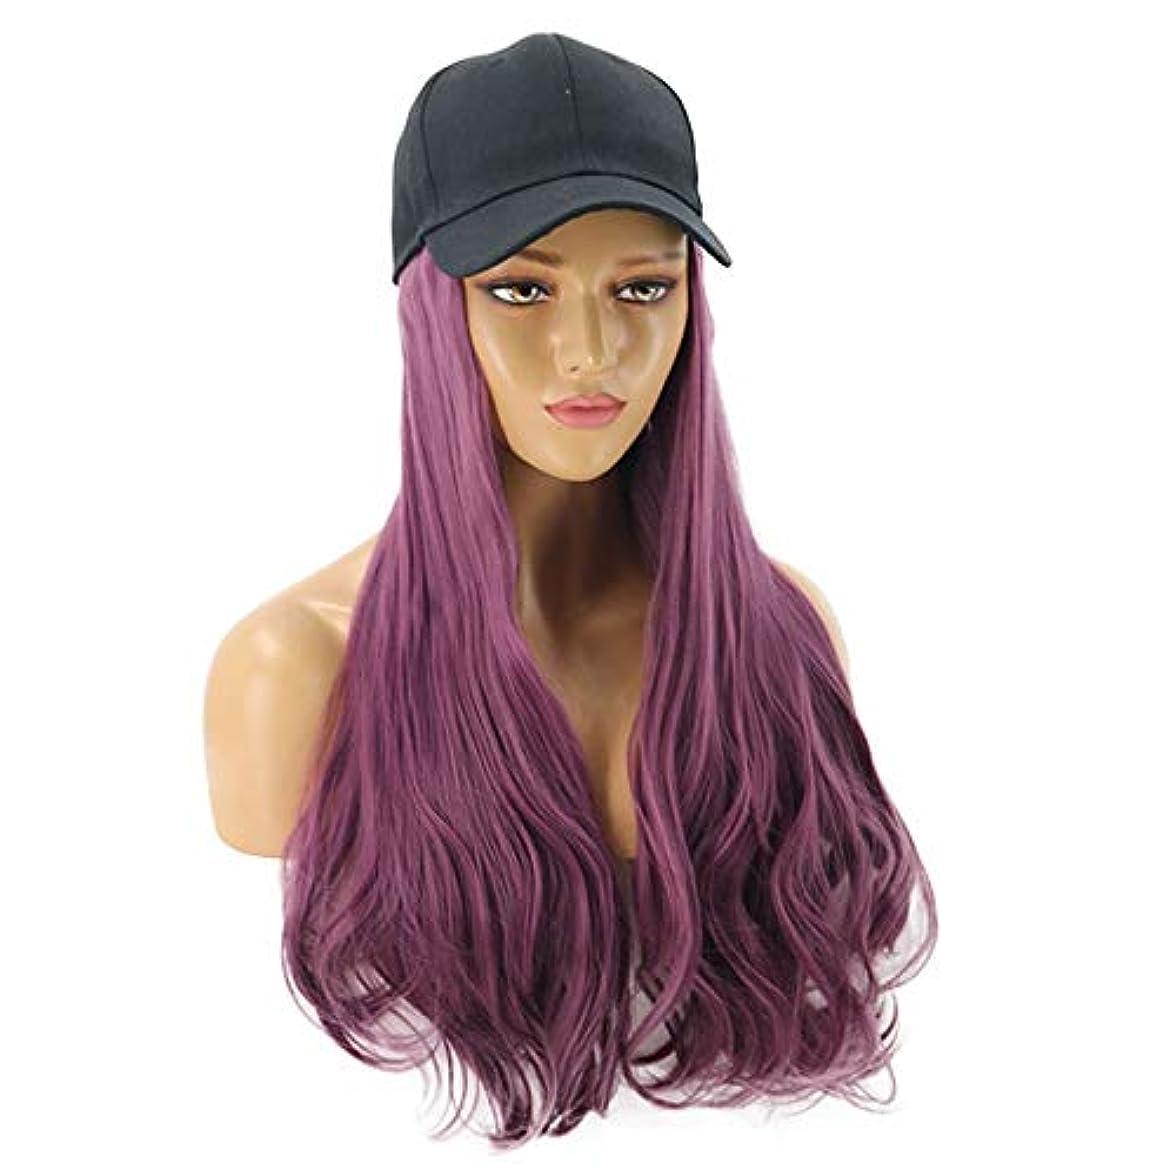 蓋牛民主主義HAILAN HOME-かつら ファッション藤女性かつらハットワンピースHatの先見の明前髪ウィッグ55センチメートル保持型ワンピース取り外し可能